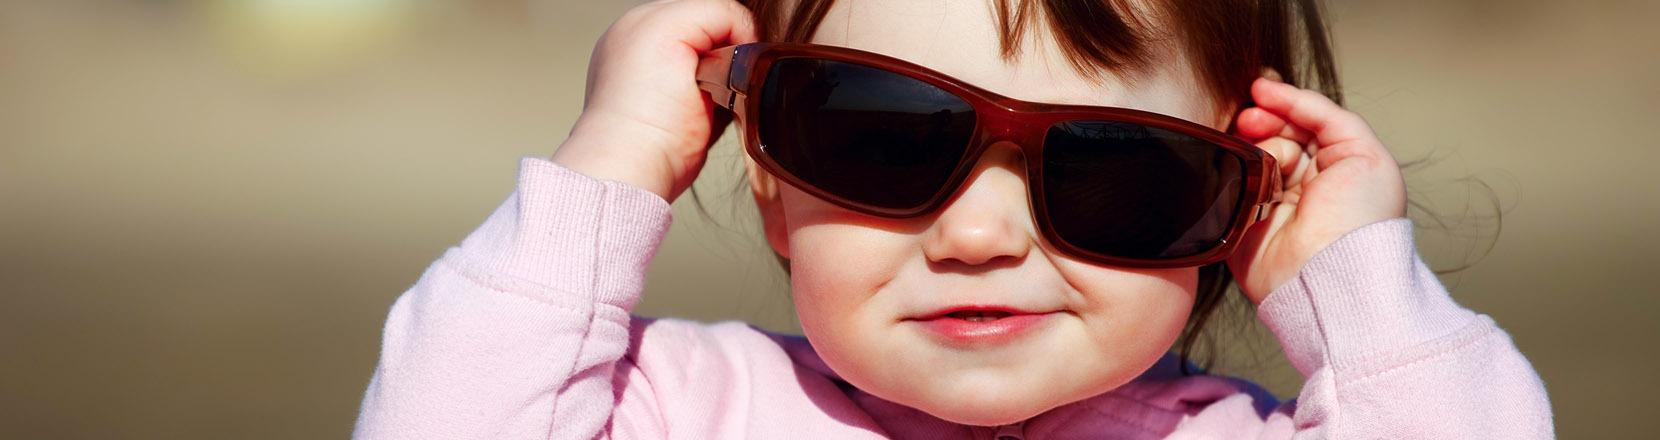 Lascia che ti osservi: una bambina osserva attraverso gli occhiali